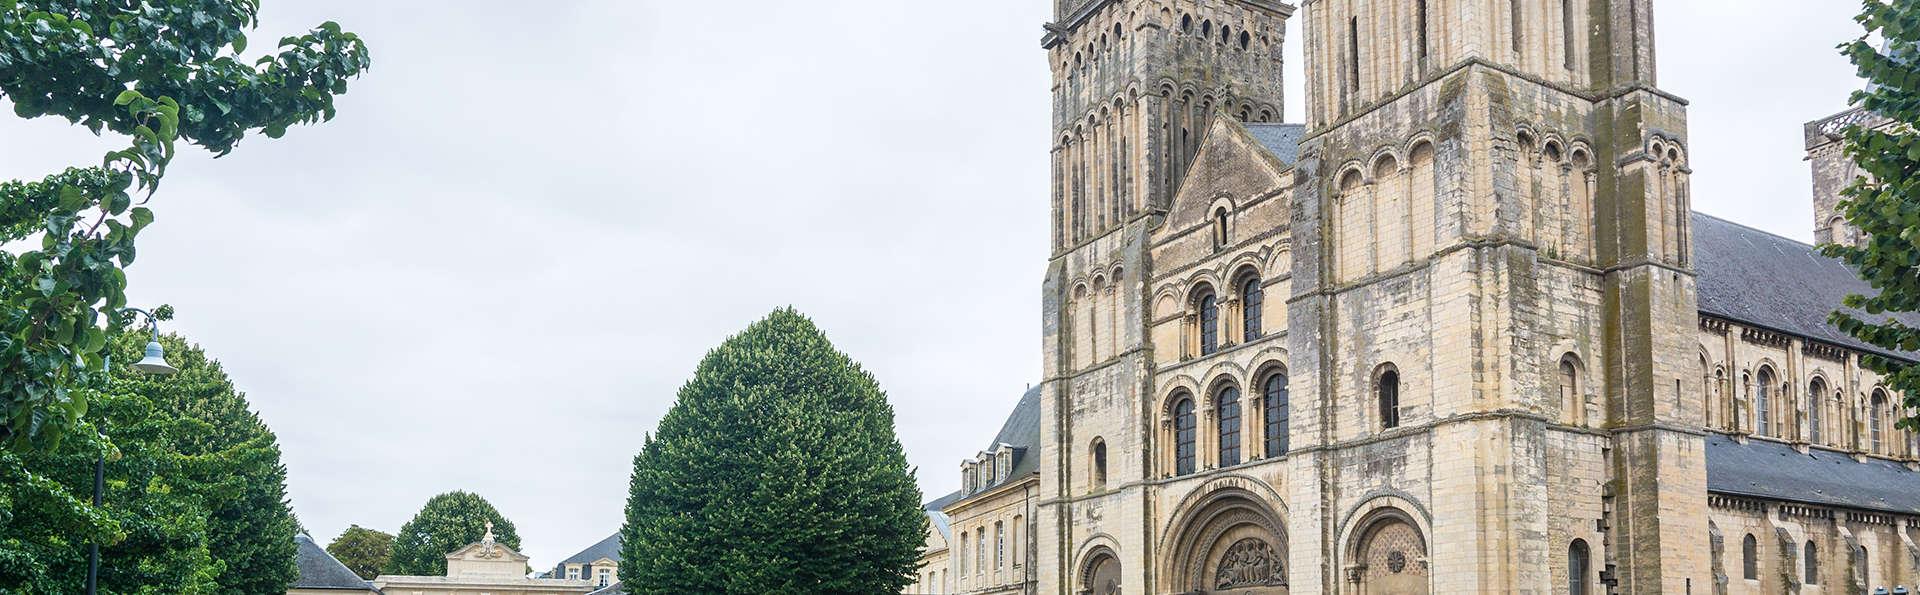 Balladins Caen Mémorial - Edit_Caen.jpg